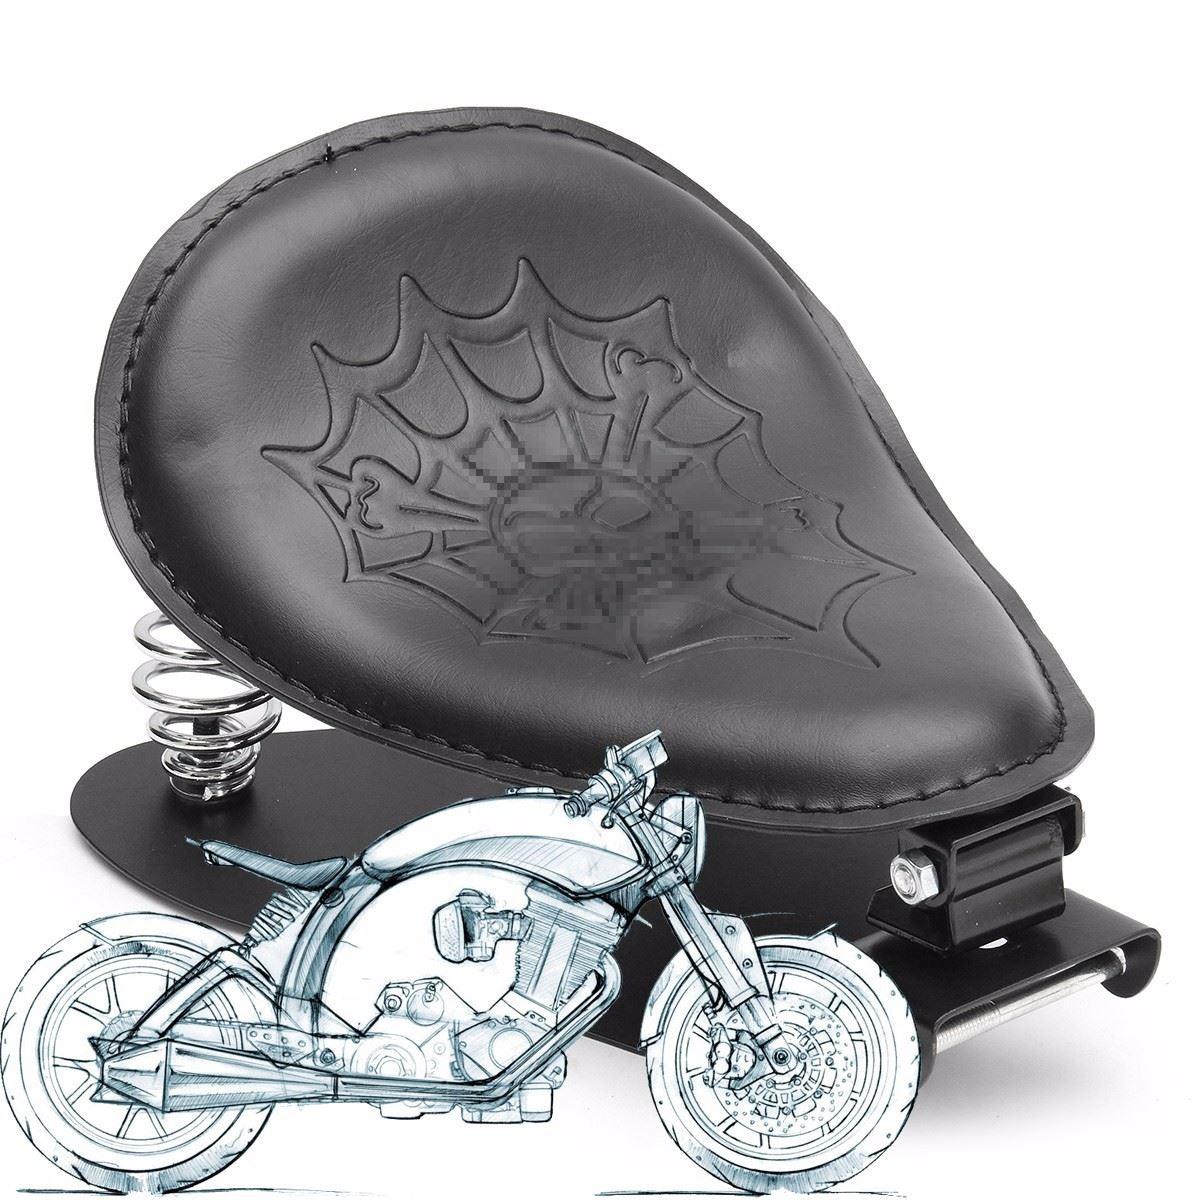 negro solo crneo de la motocicleta del soporte del asiento cojn de soporte de muelle para